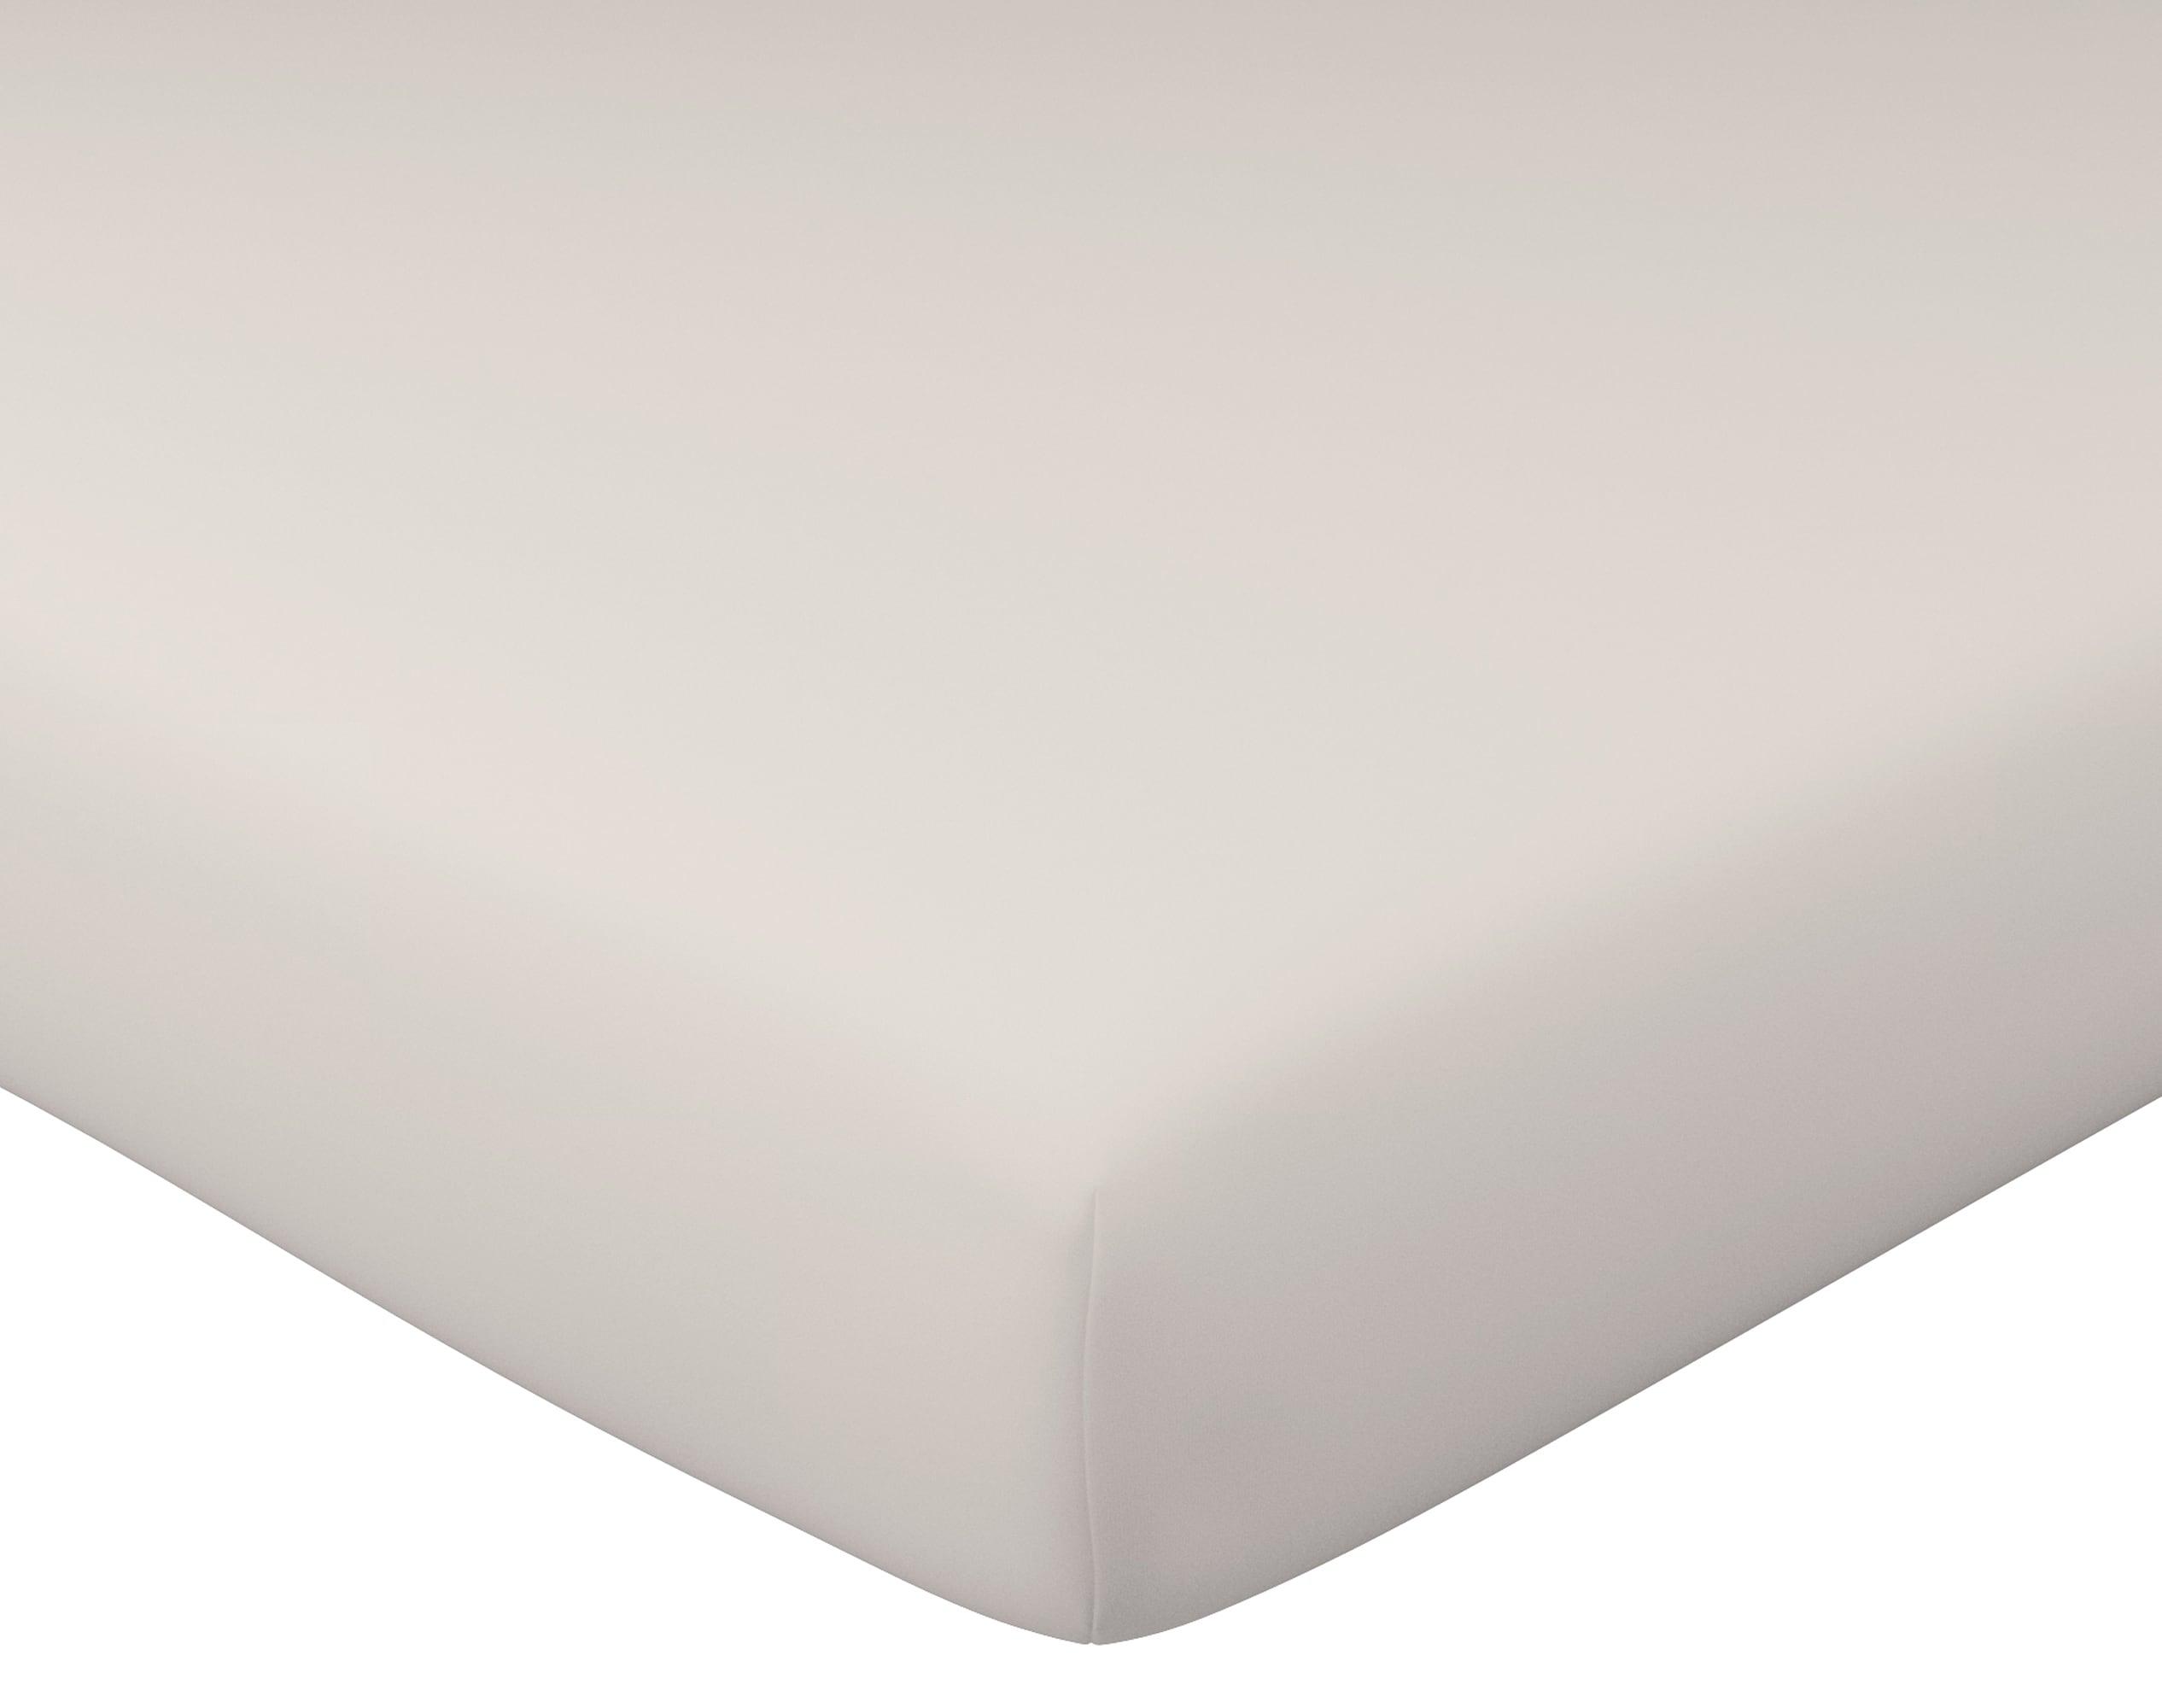 Drap-housse 180x200 en percale de coton  beige sable